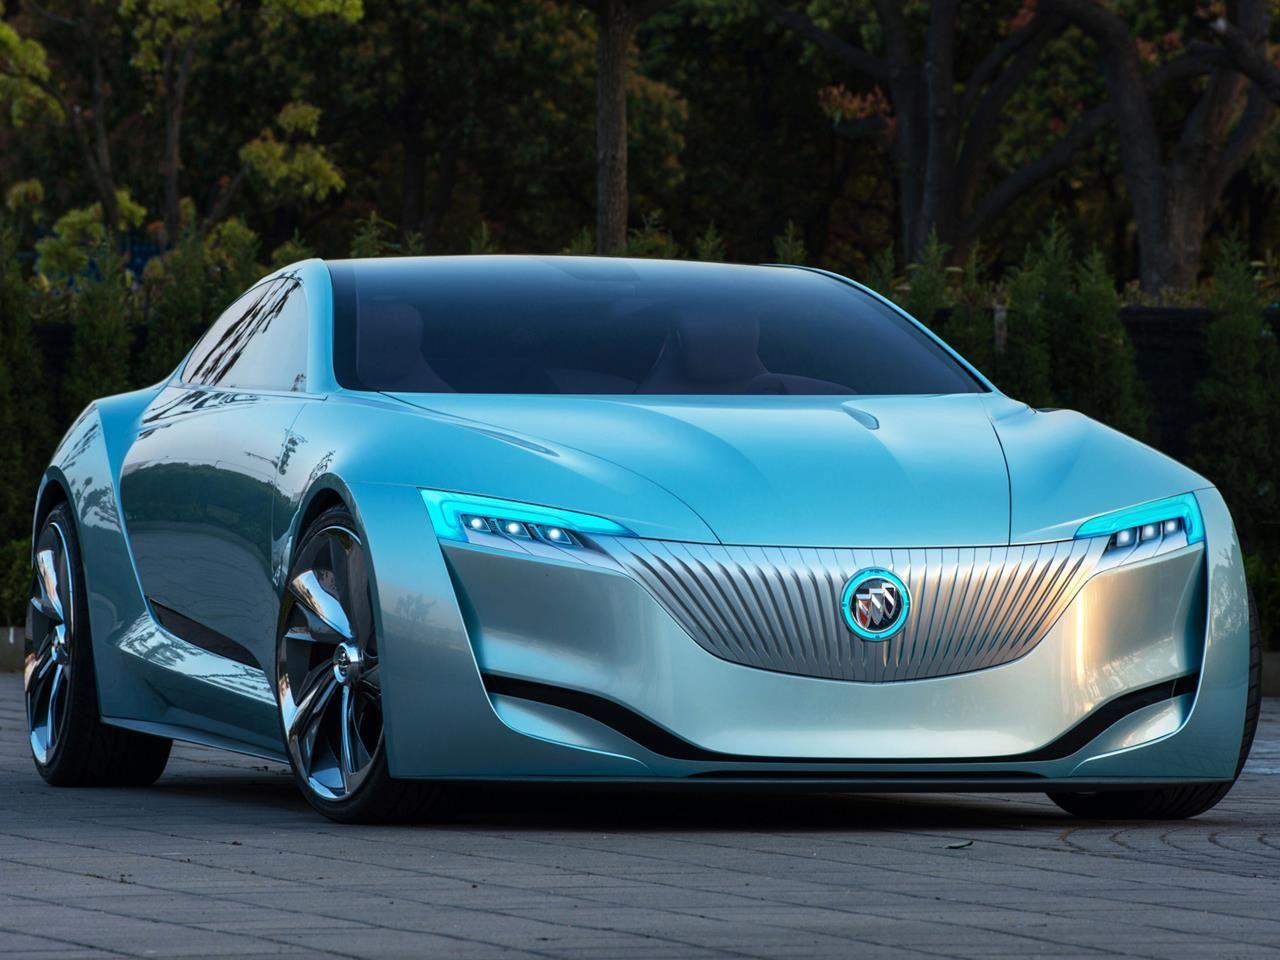 2016 Buick Riviera Concept Car Newcarreleasedates.com